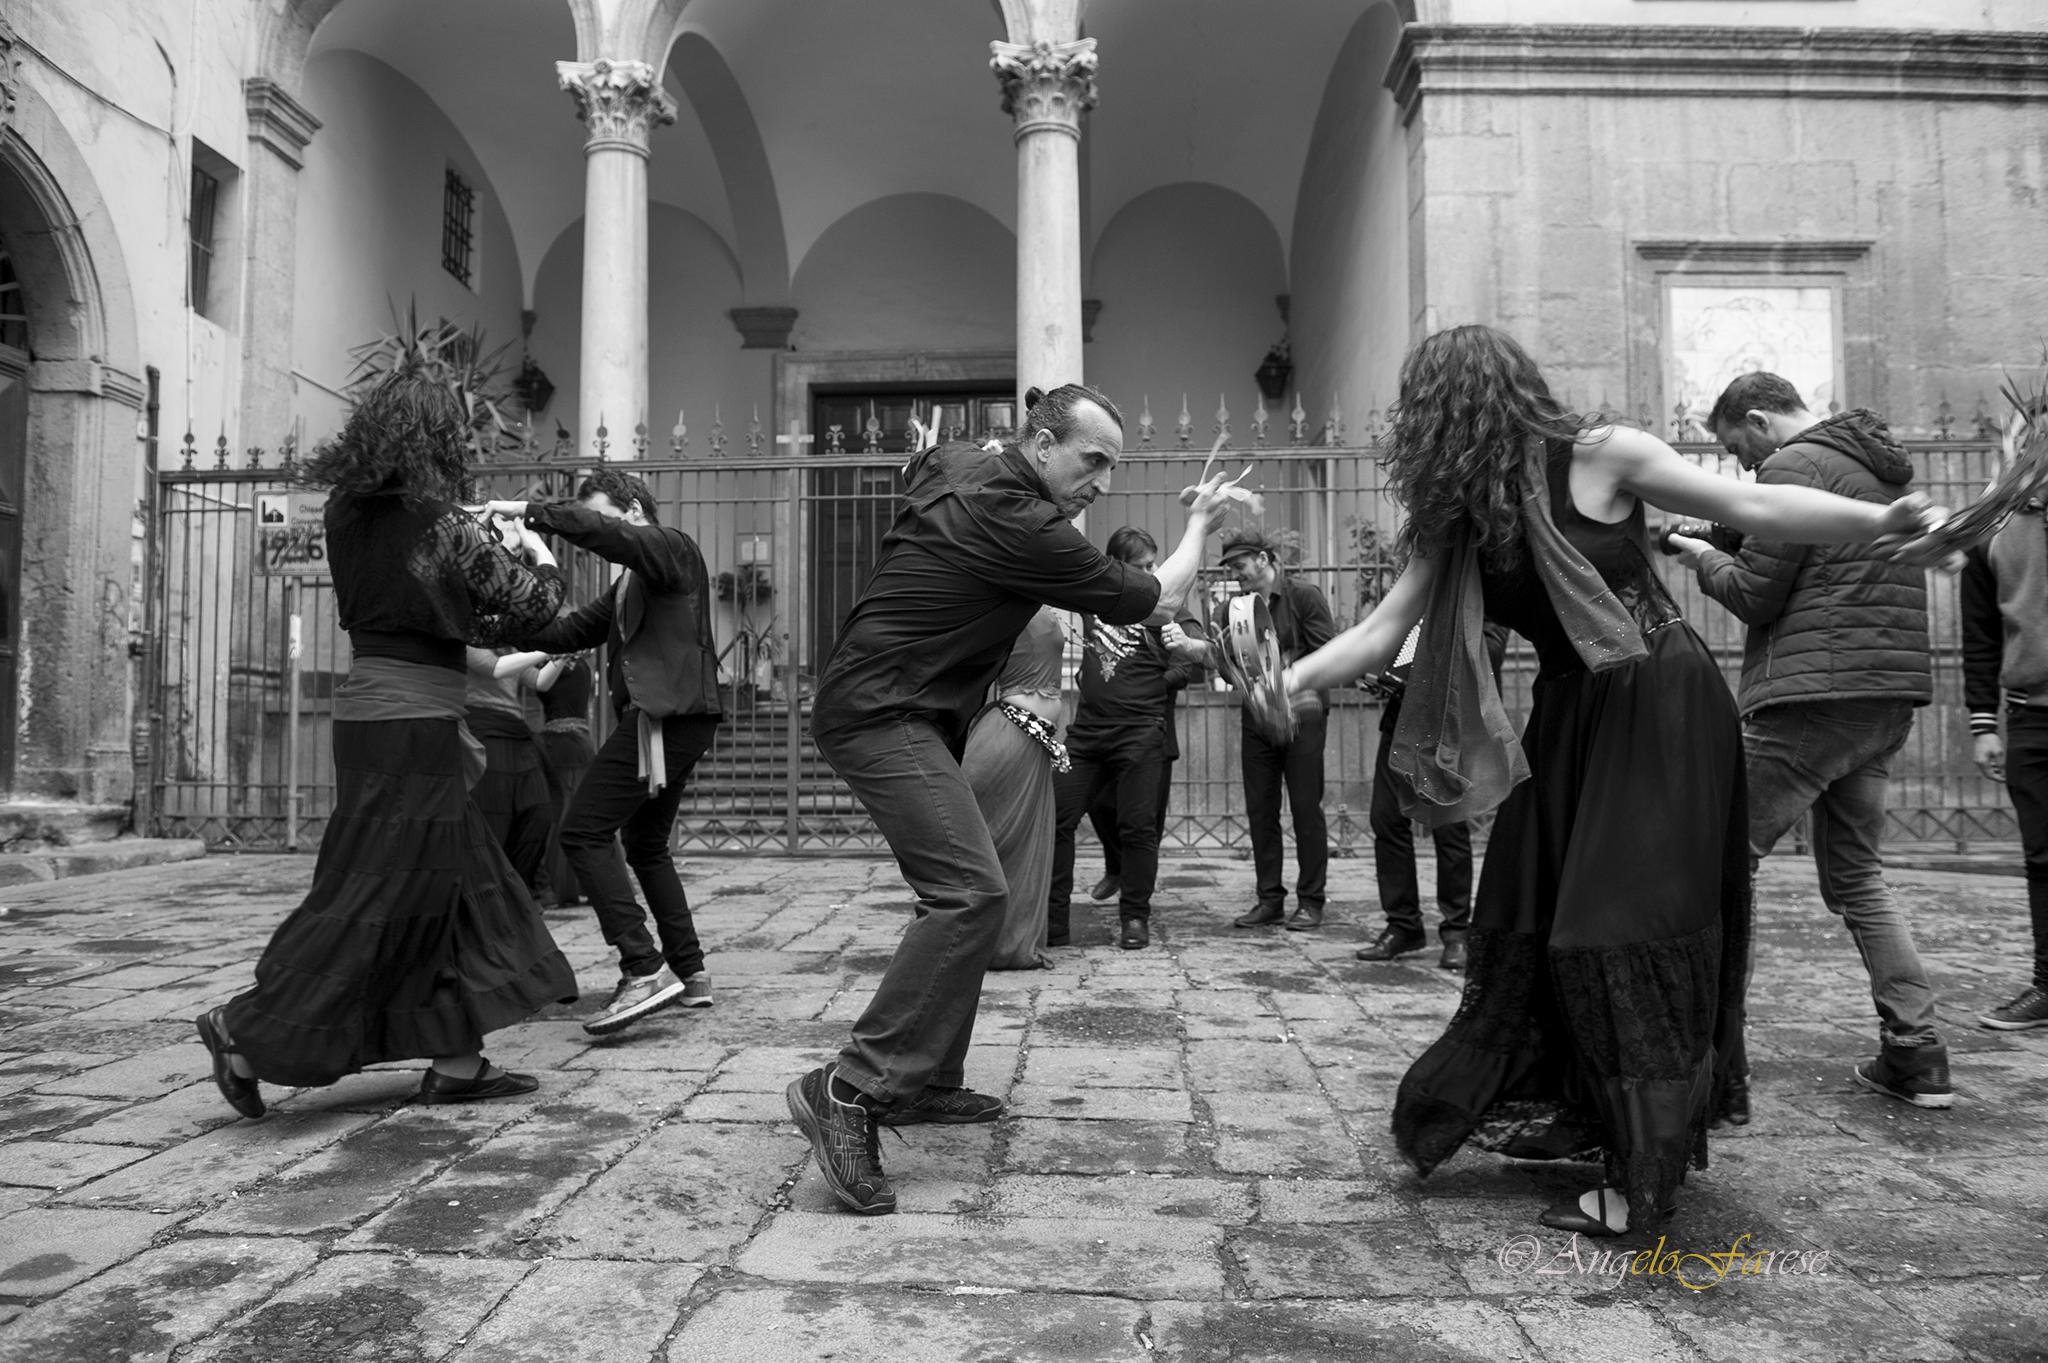 compagnia soleluna, gruppo di musica popolare di pizzica taranta tammurriate, gruppo musicale per matrimoni, compleanni feste di piazza, posteggia napoletana, matrimonio, comunione, battesimo, feste private, balli salentini, ballo del salento, musica.